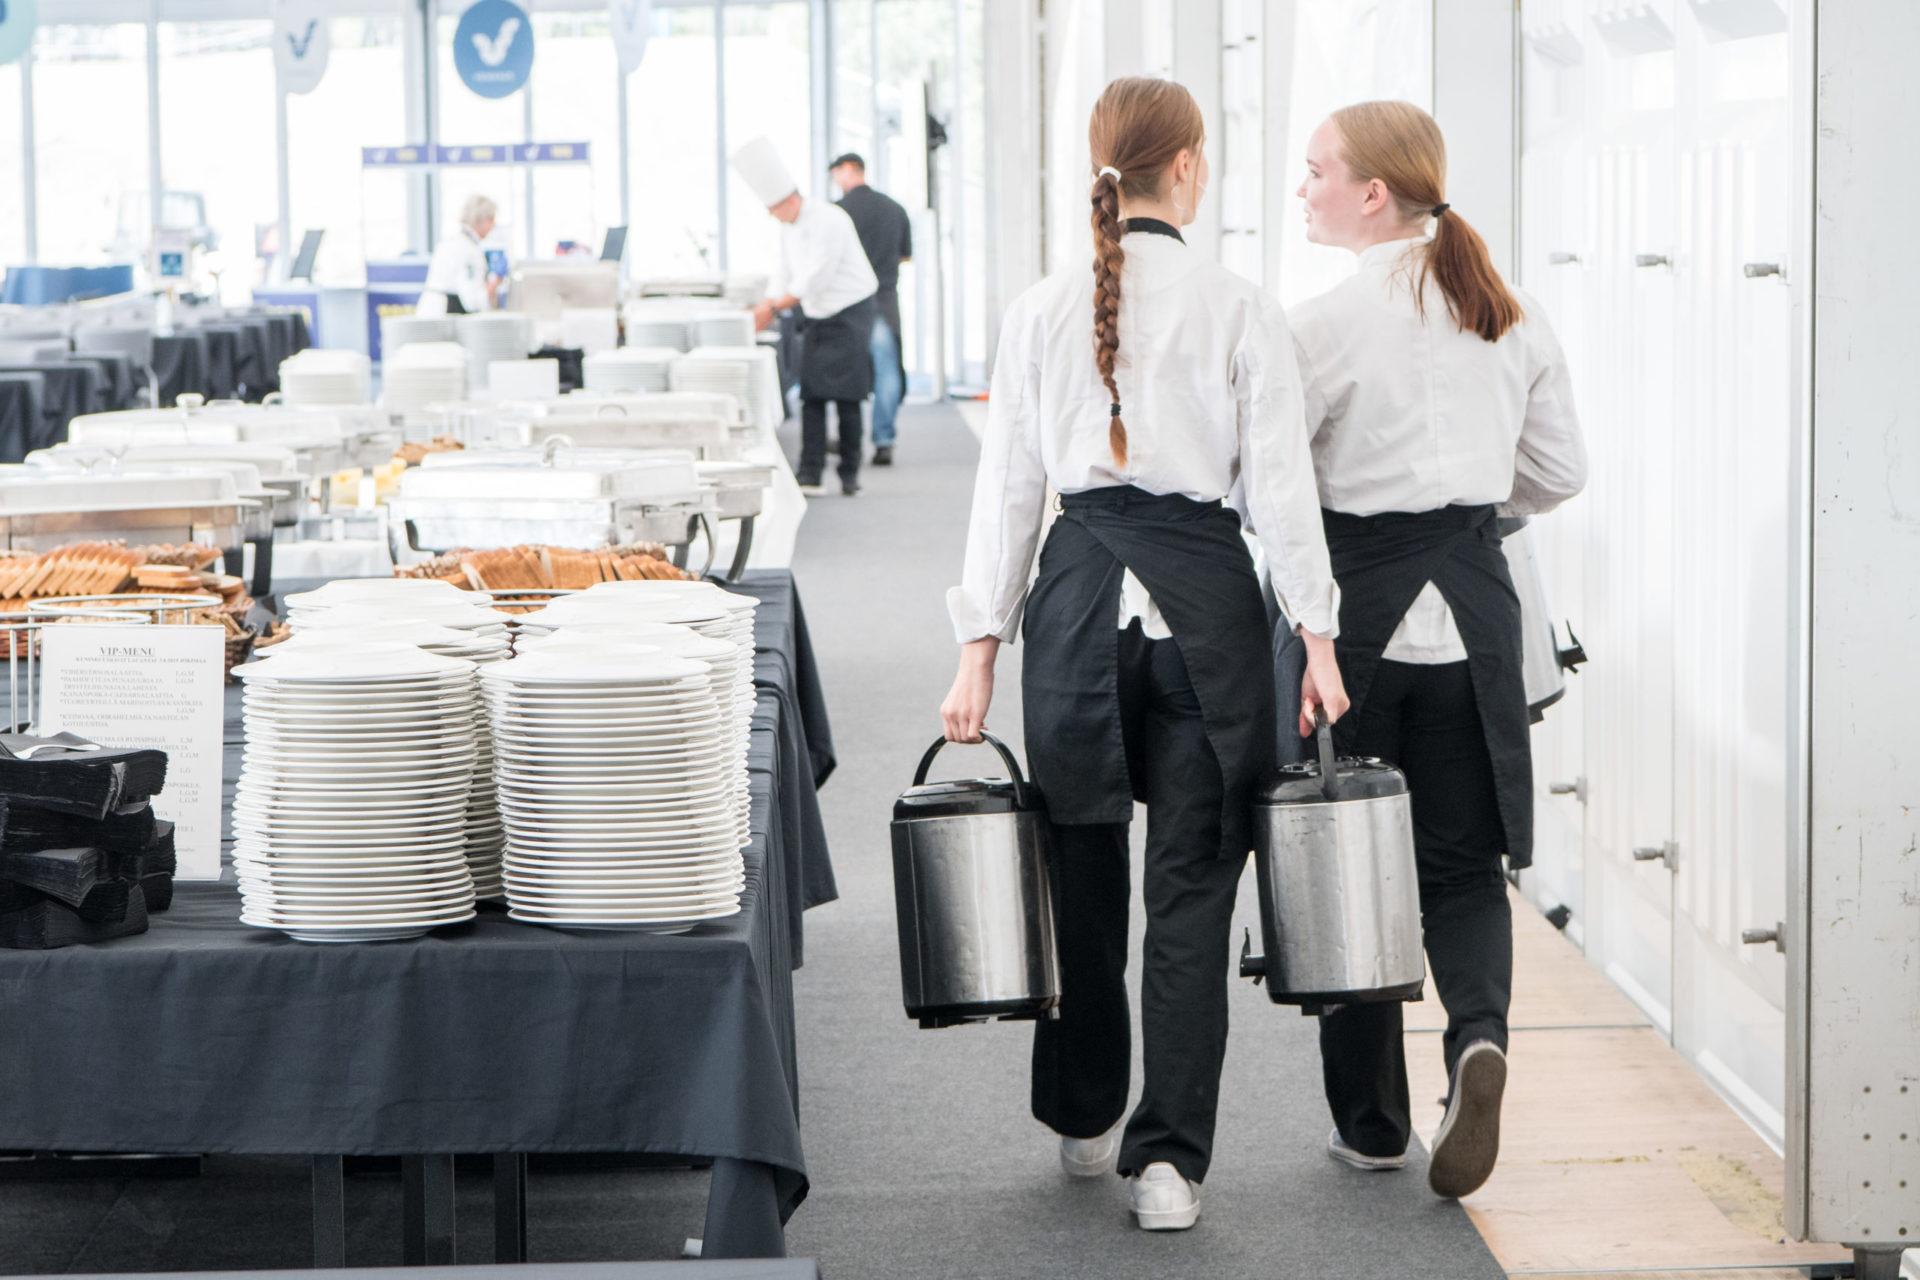 Opiskelijoita työssäoppimassa ruokapaikassa